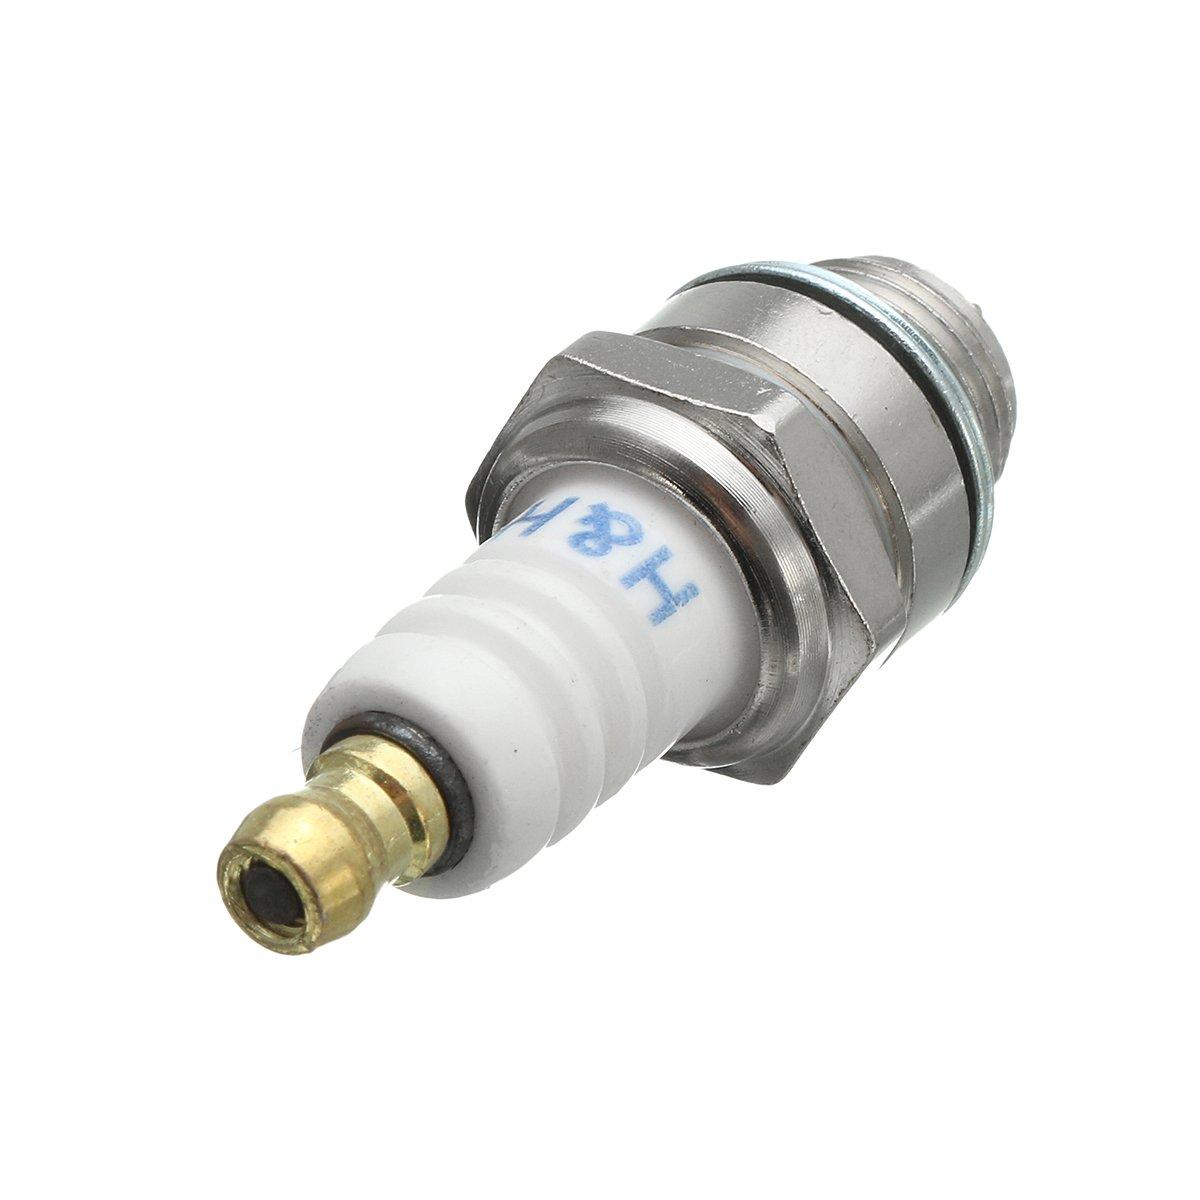 HITSAN - Kit de servicio de bujías de filtro de combustible para motosierra Stihl 017 018 MS170 MS180, una pieza: Amazon.es: Coche y moto